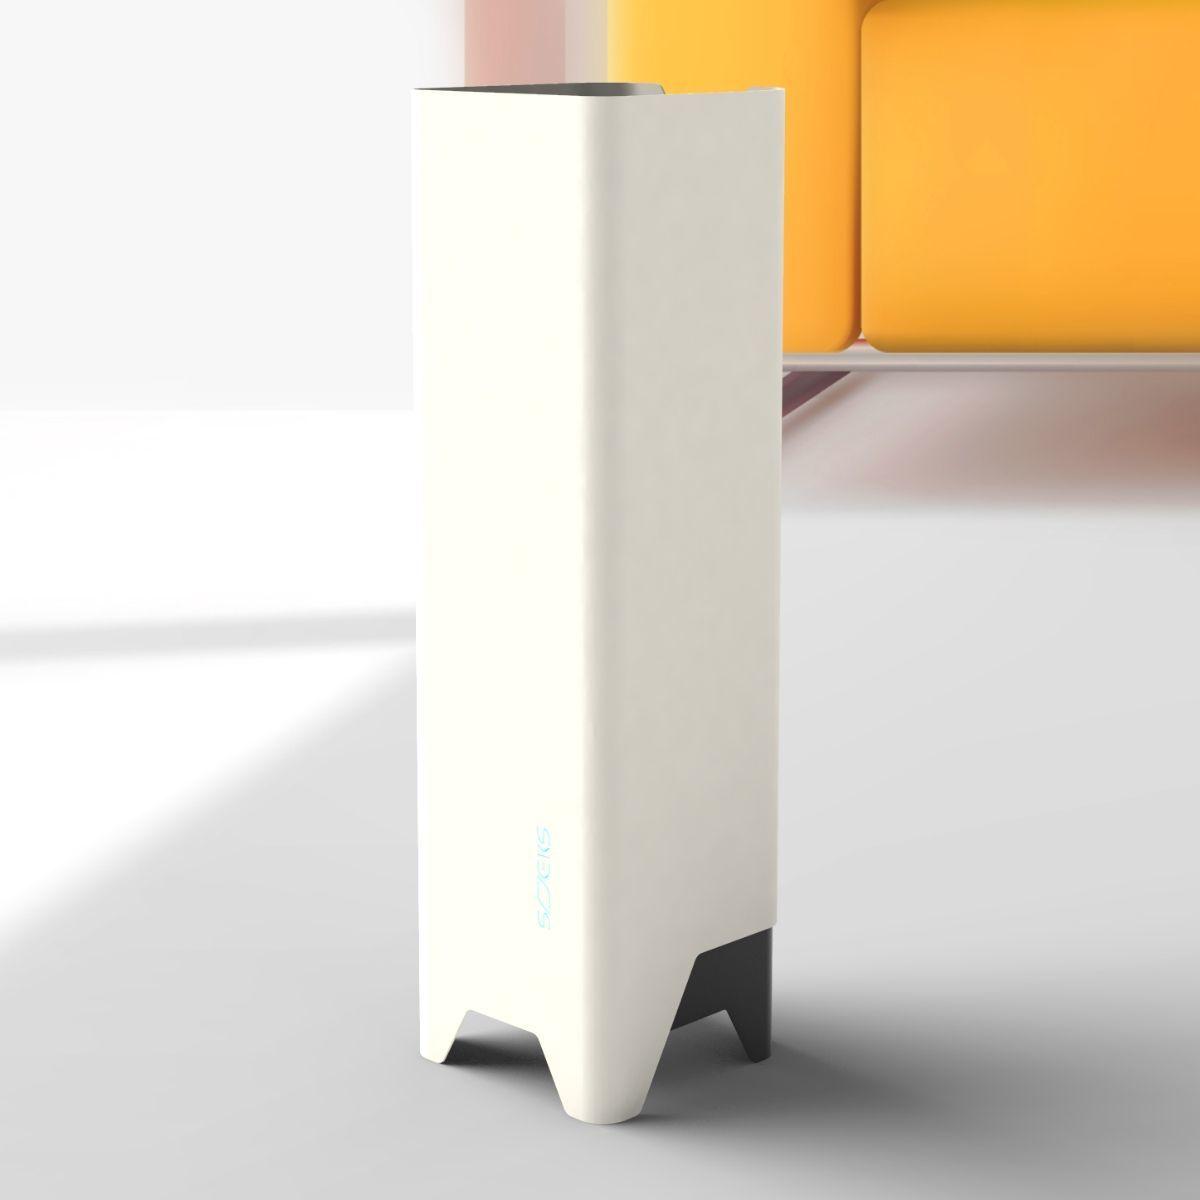 Ультрафиолетовый облучатель-рециркулятор Soeks для использования в операционных ЛПУ